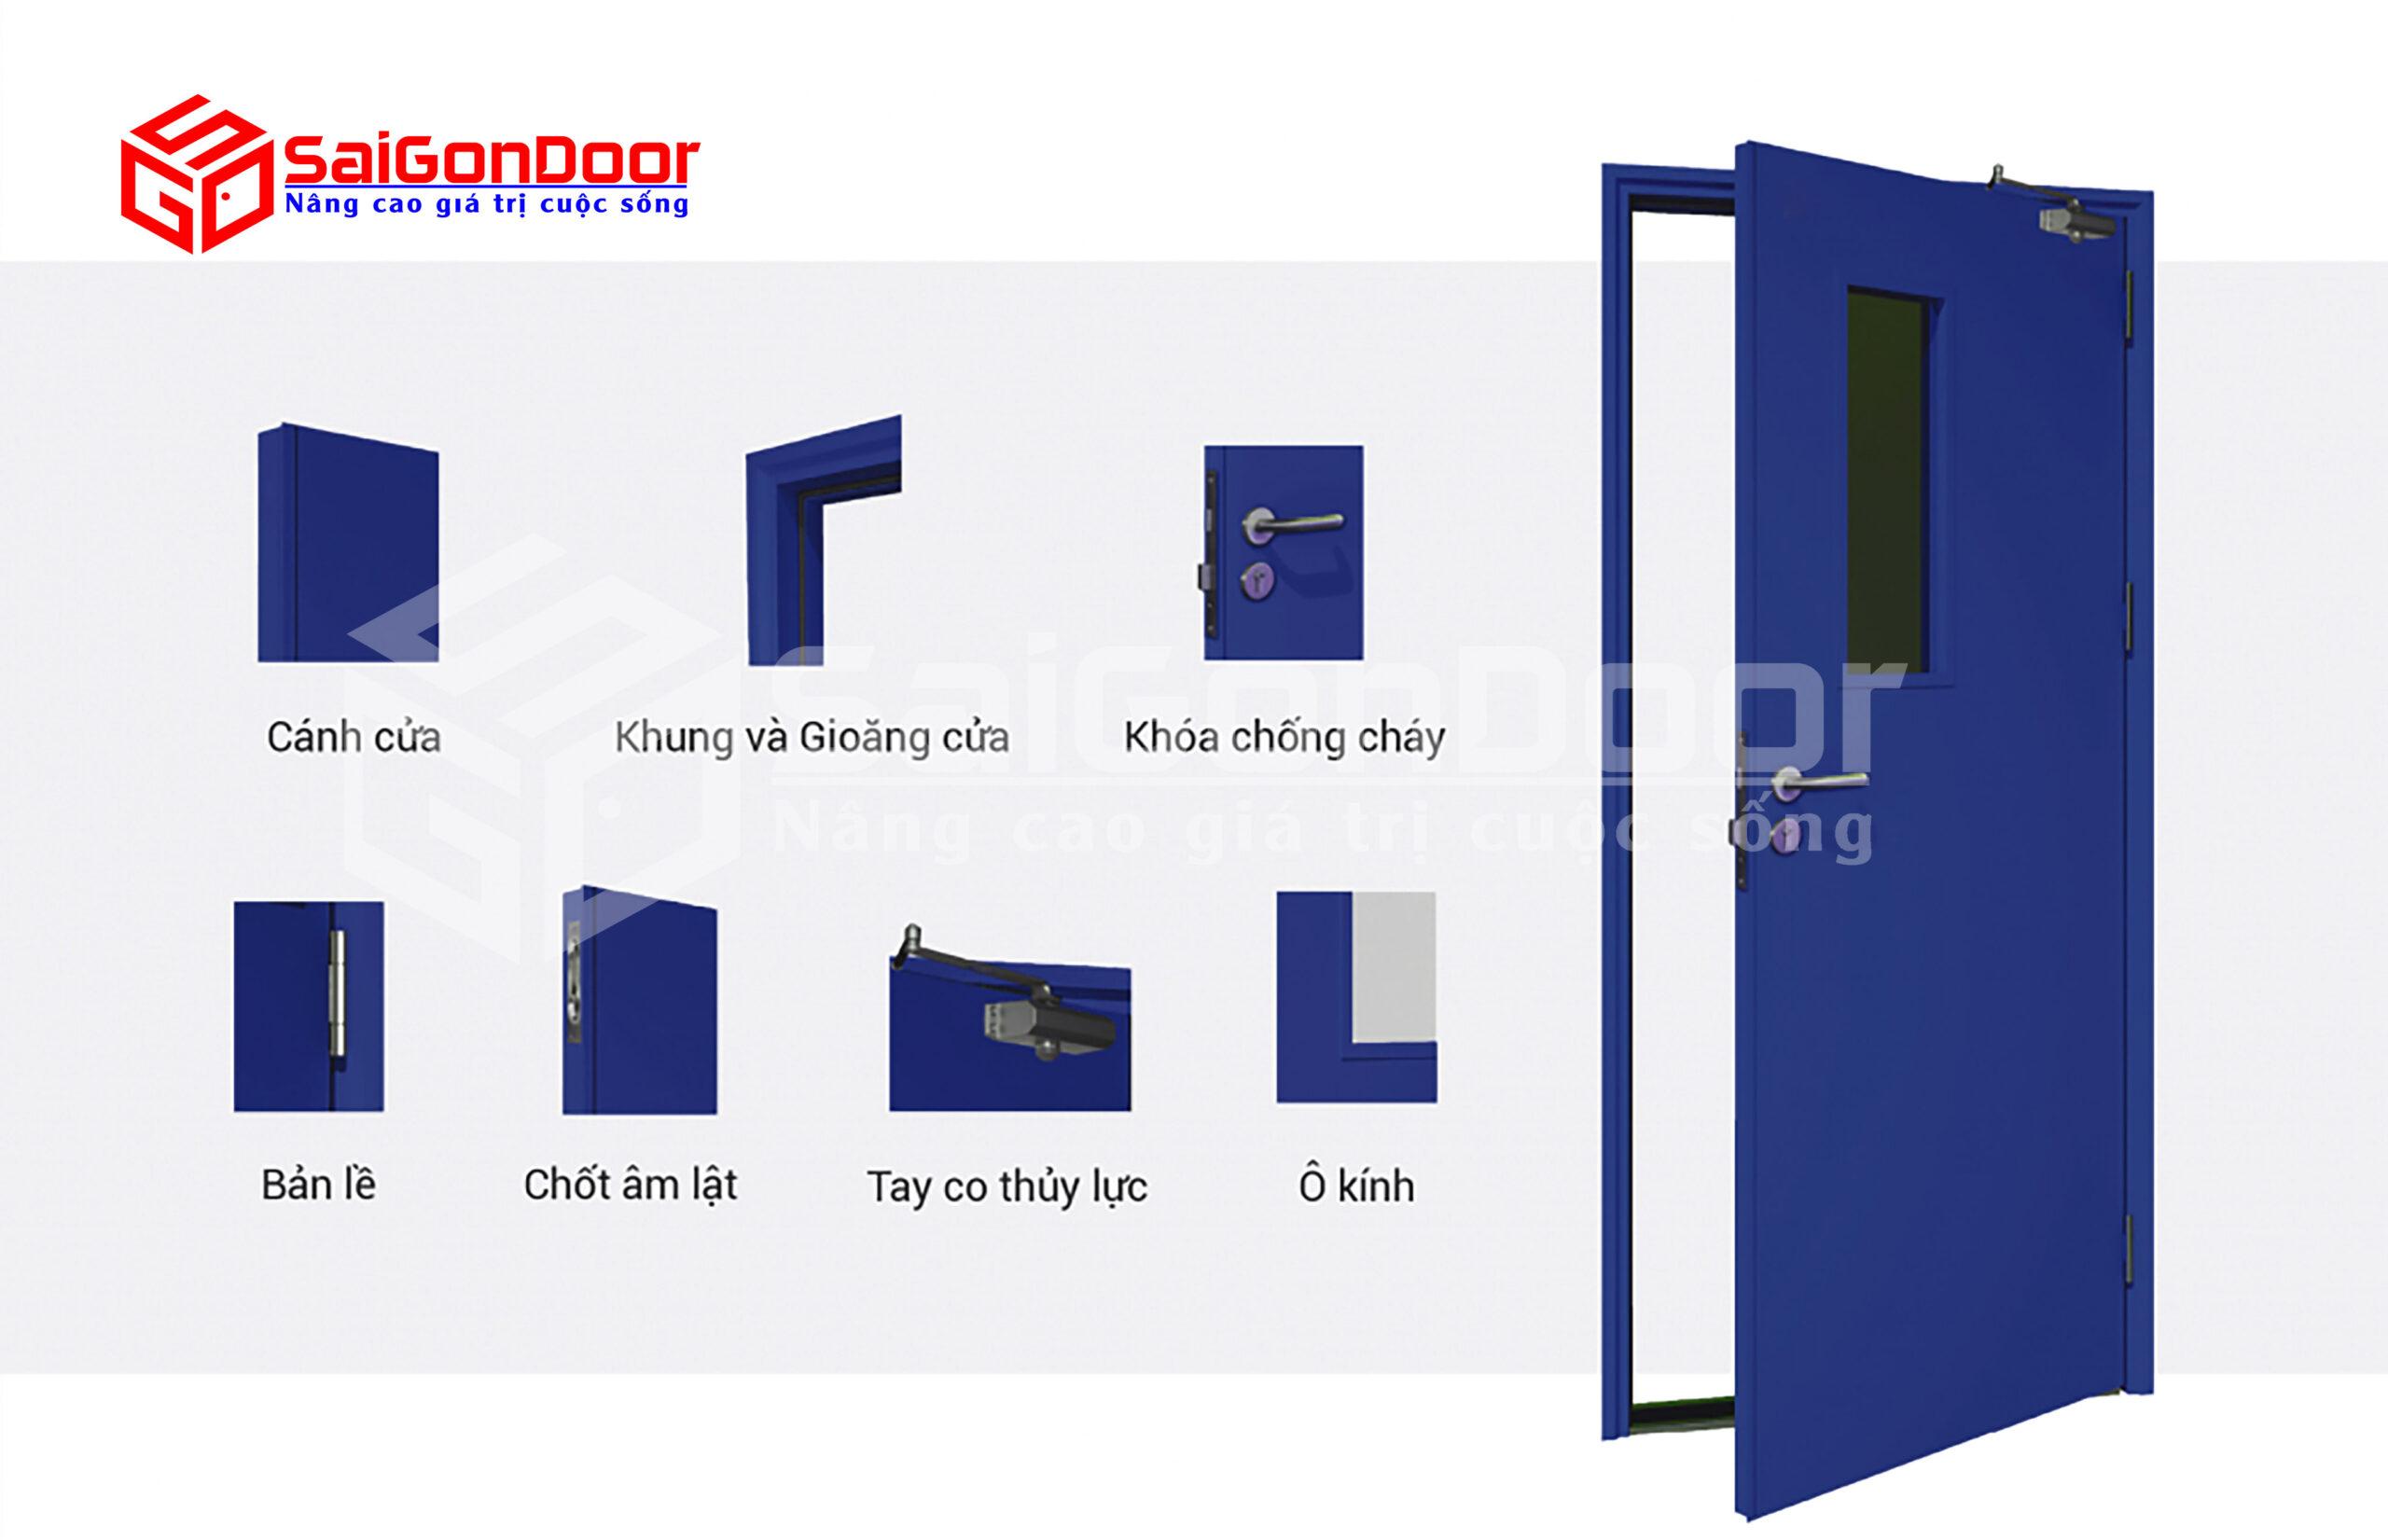 Thành phần cấu tạo hoàn thiện cửa chống cháy